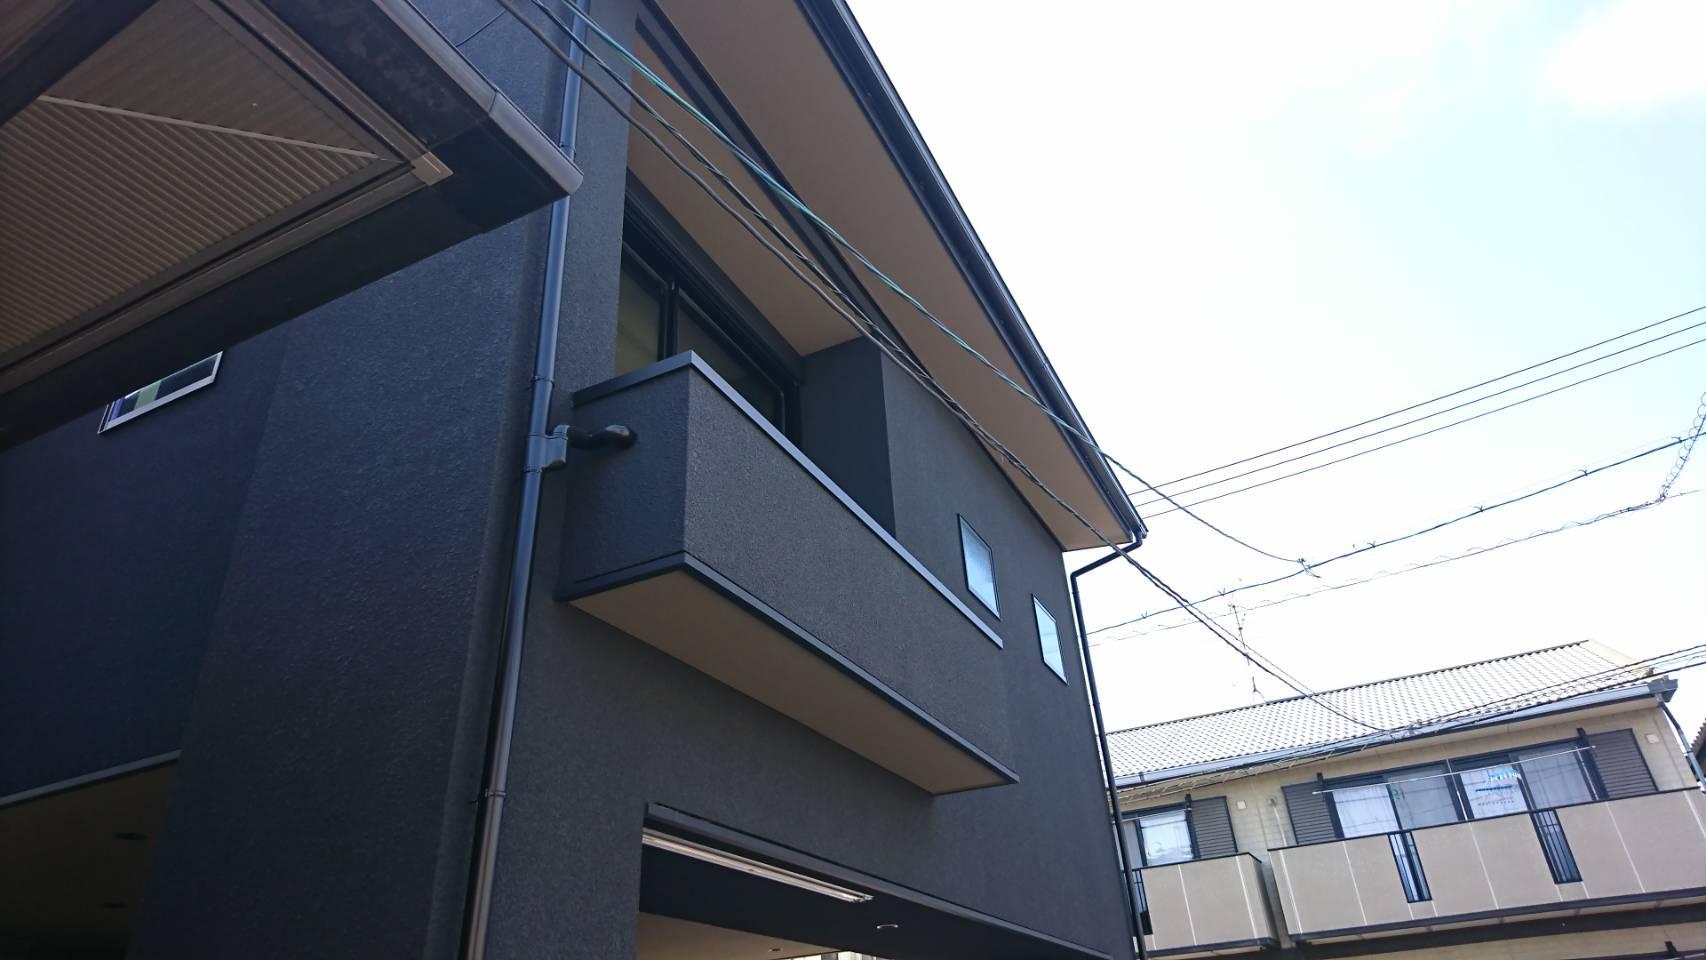 シーエス建材トーヨー住器の岡山市 コートライン工事 縦格子の施工前の写真1